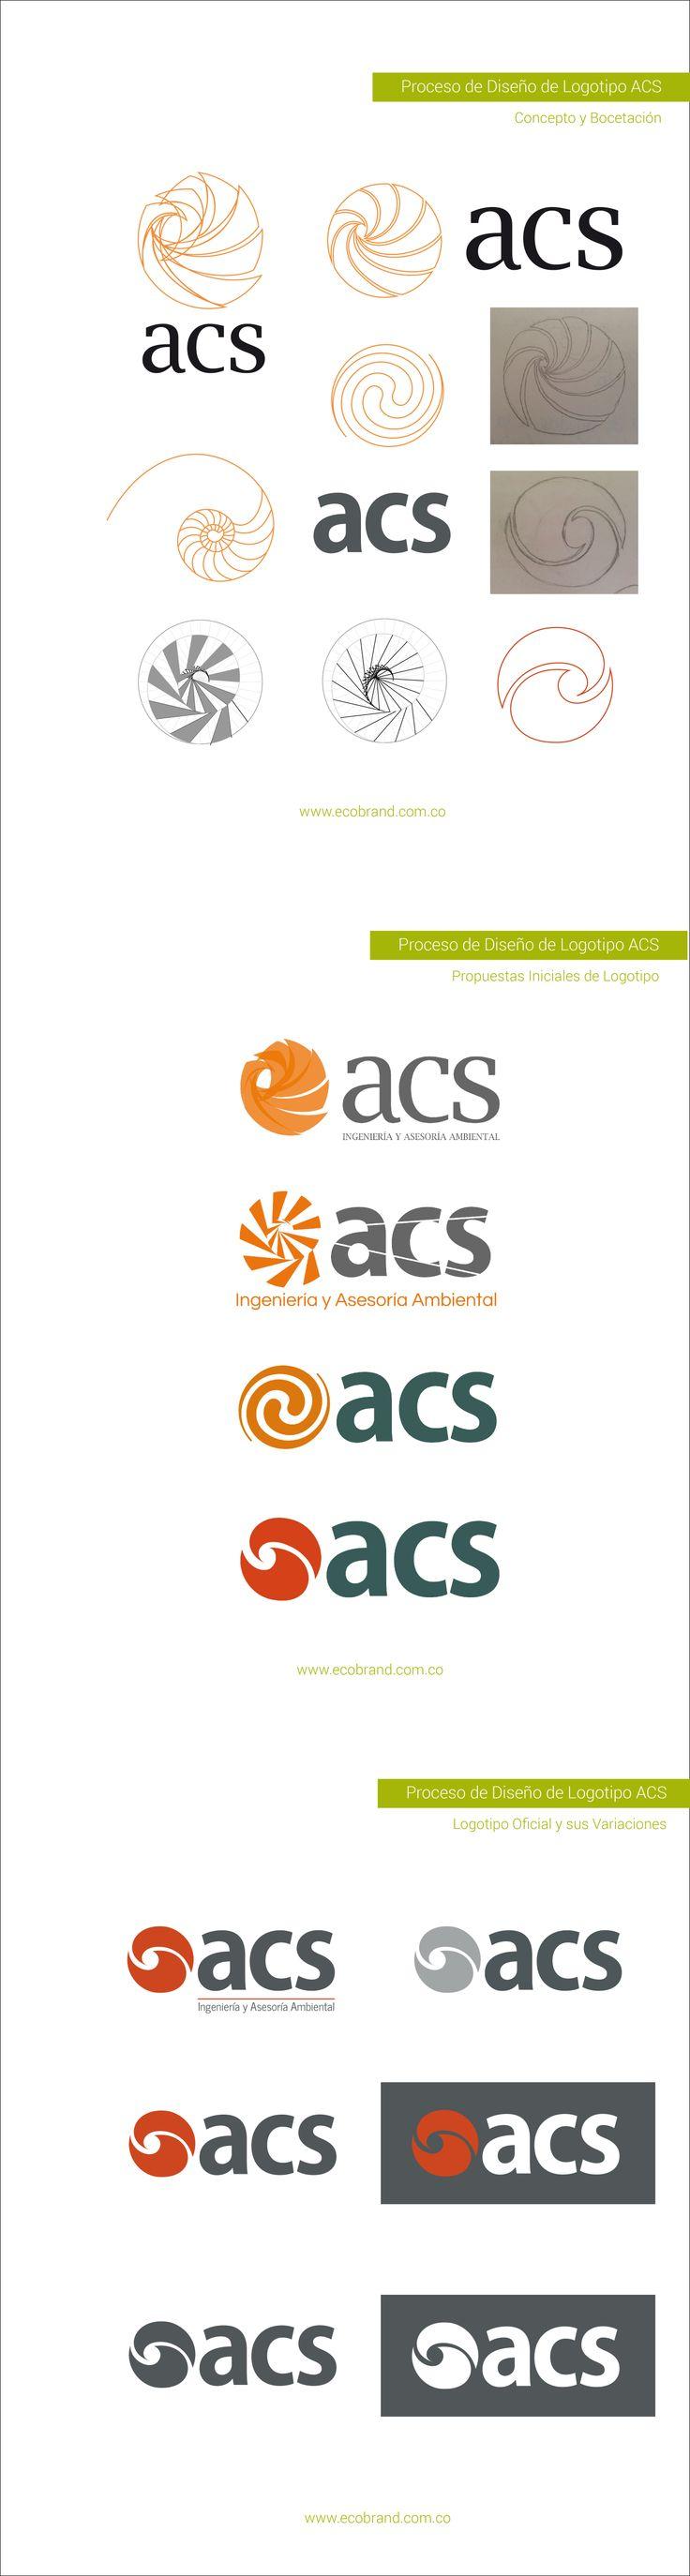 Proceso de Diseño de Logotipo para la marca ACS - Ingeniería y Asesoría Ambiental